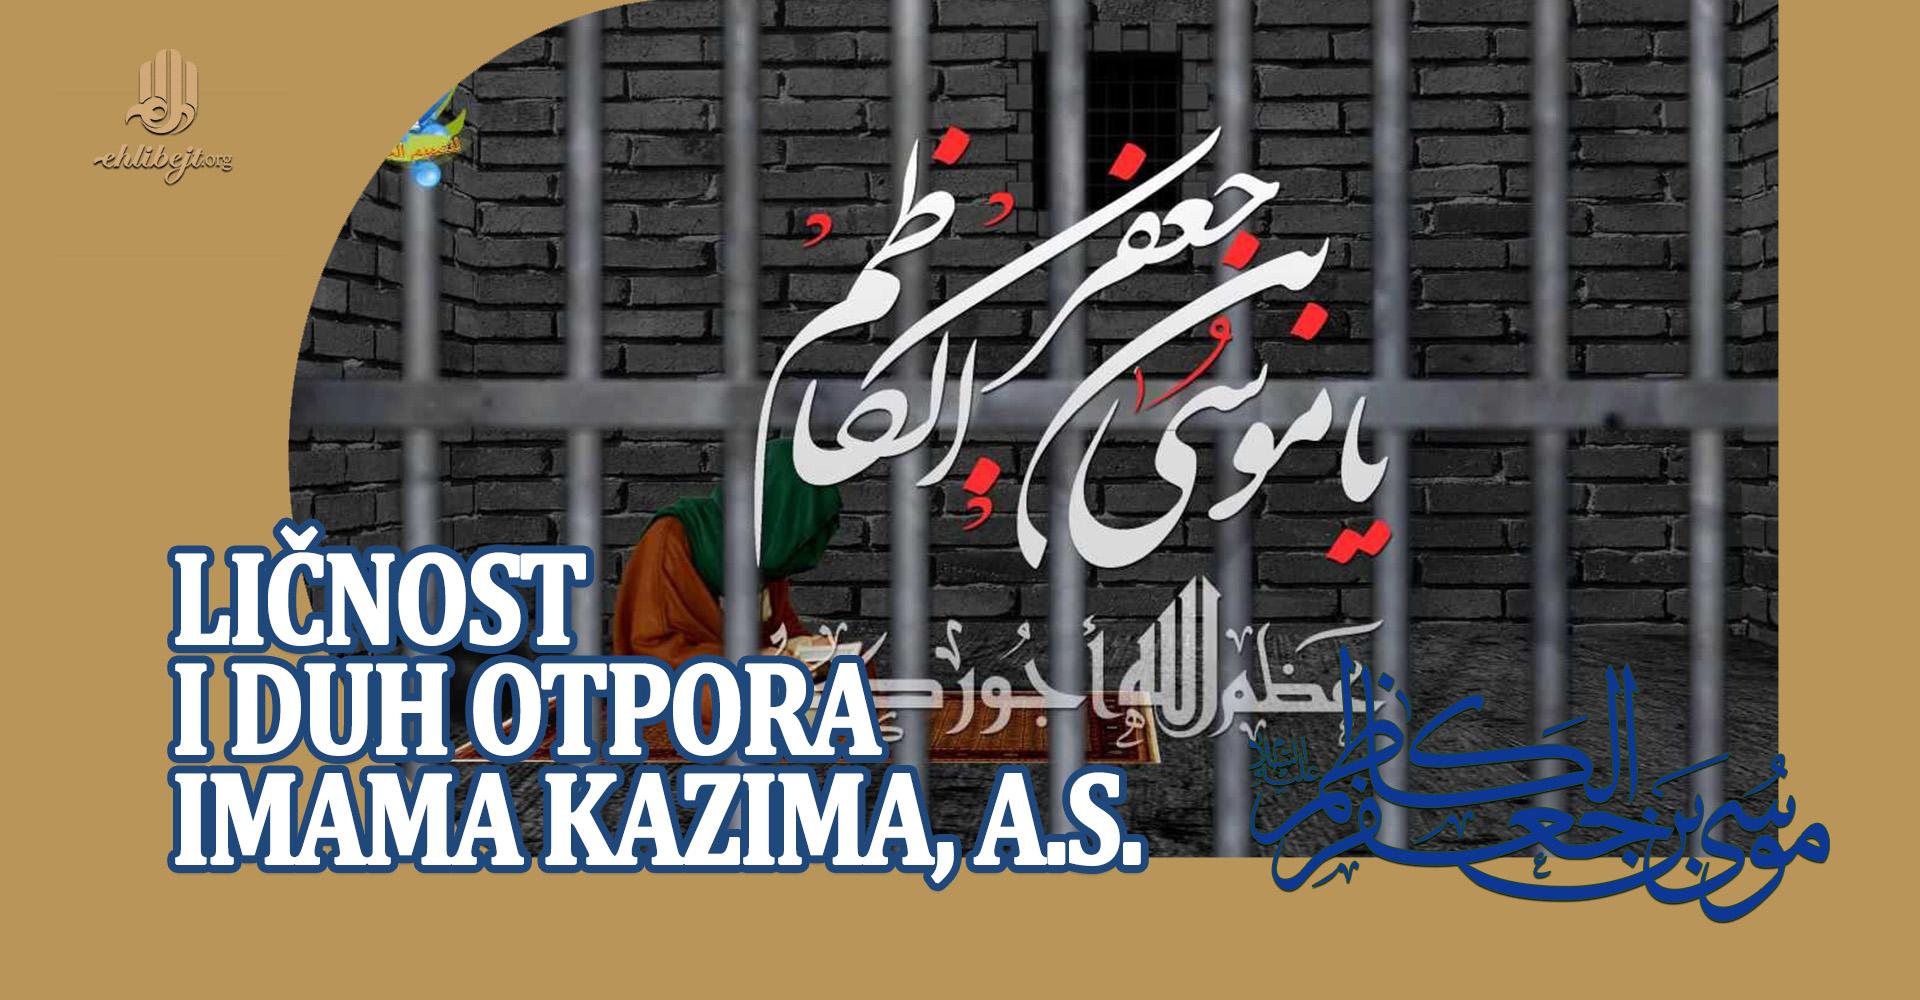 Ličnost i duh otpora Imama Kazima, a.s., naspram Haruna Rešida